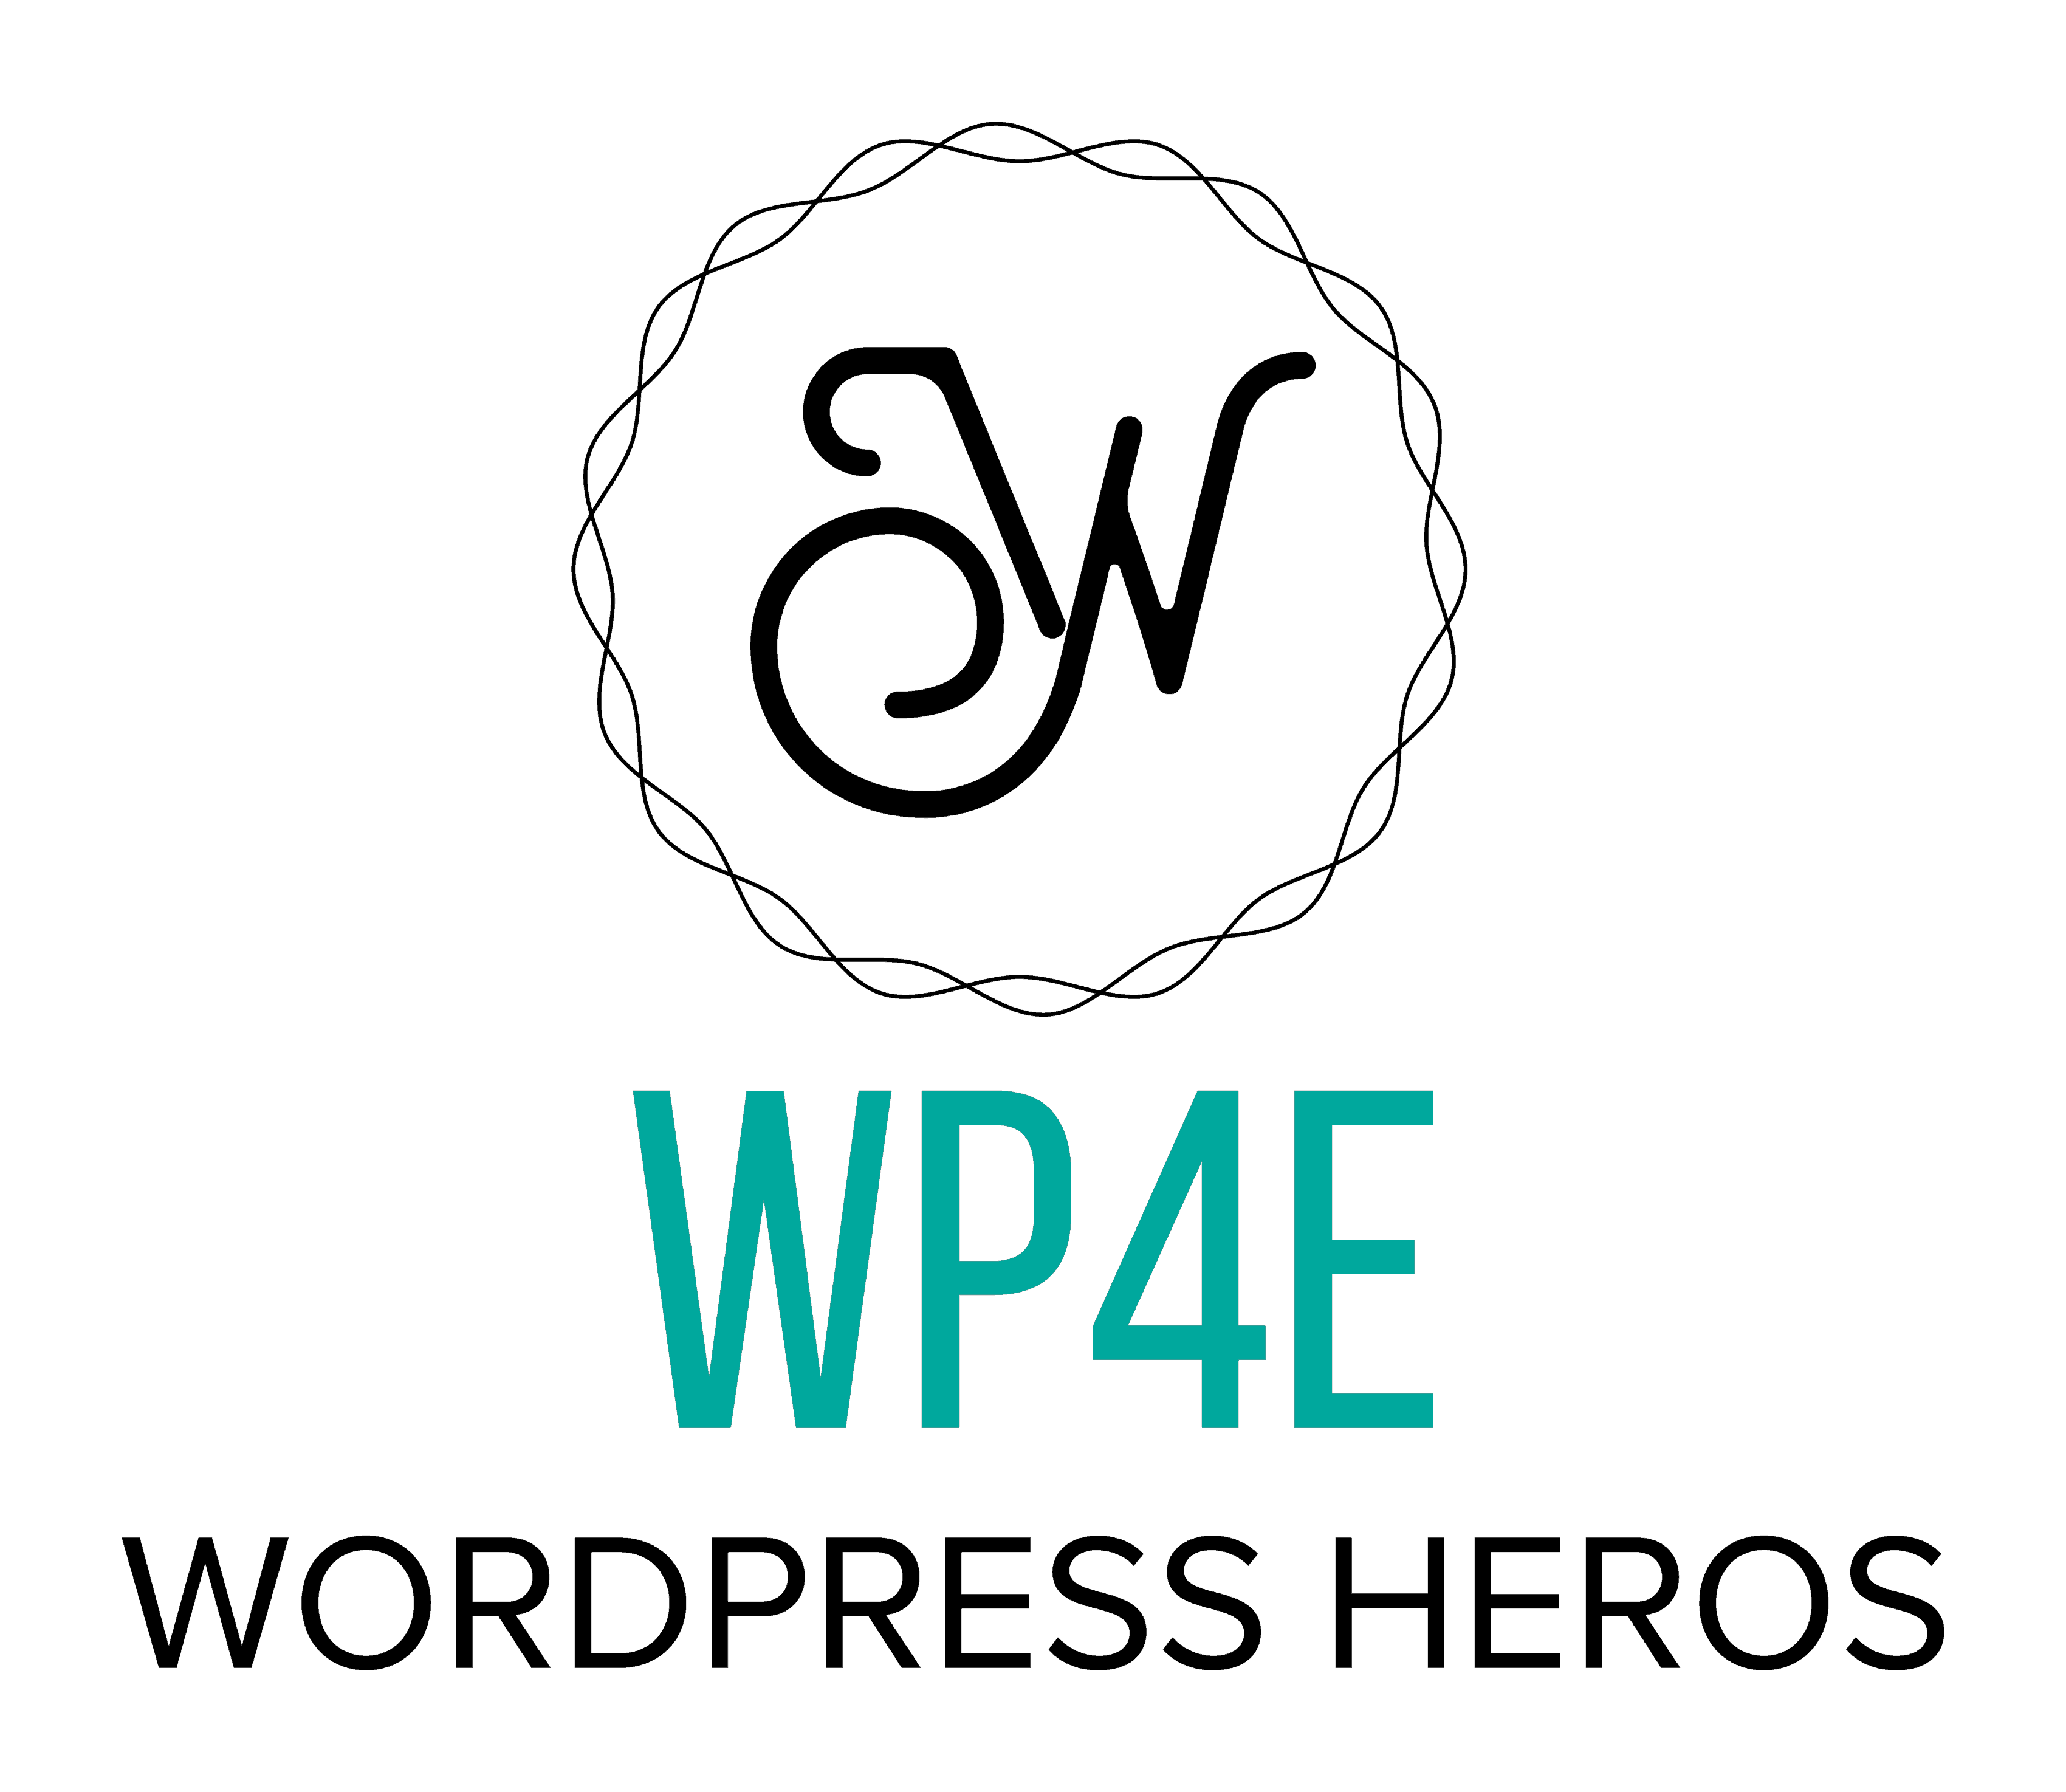 wp4e WP Heros